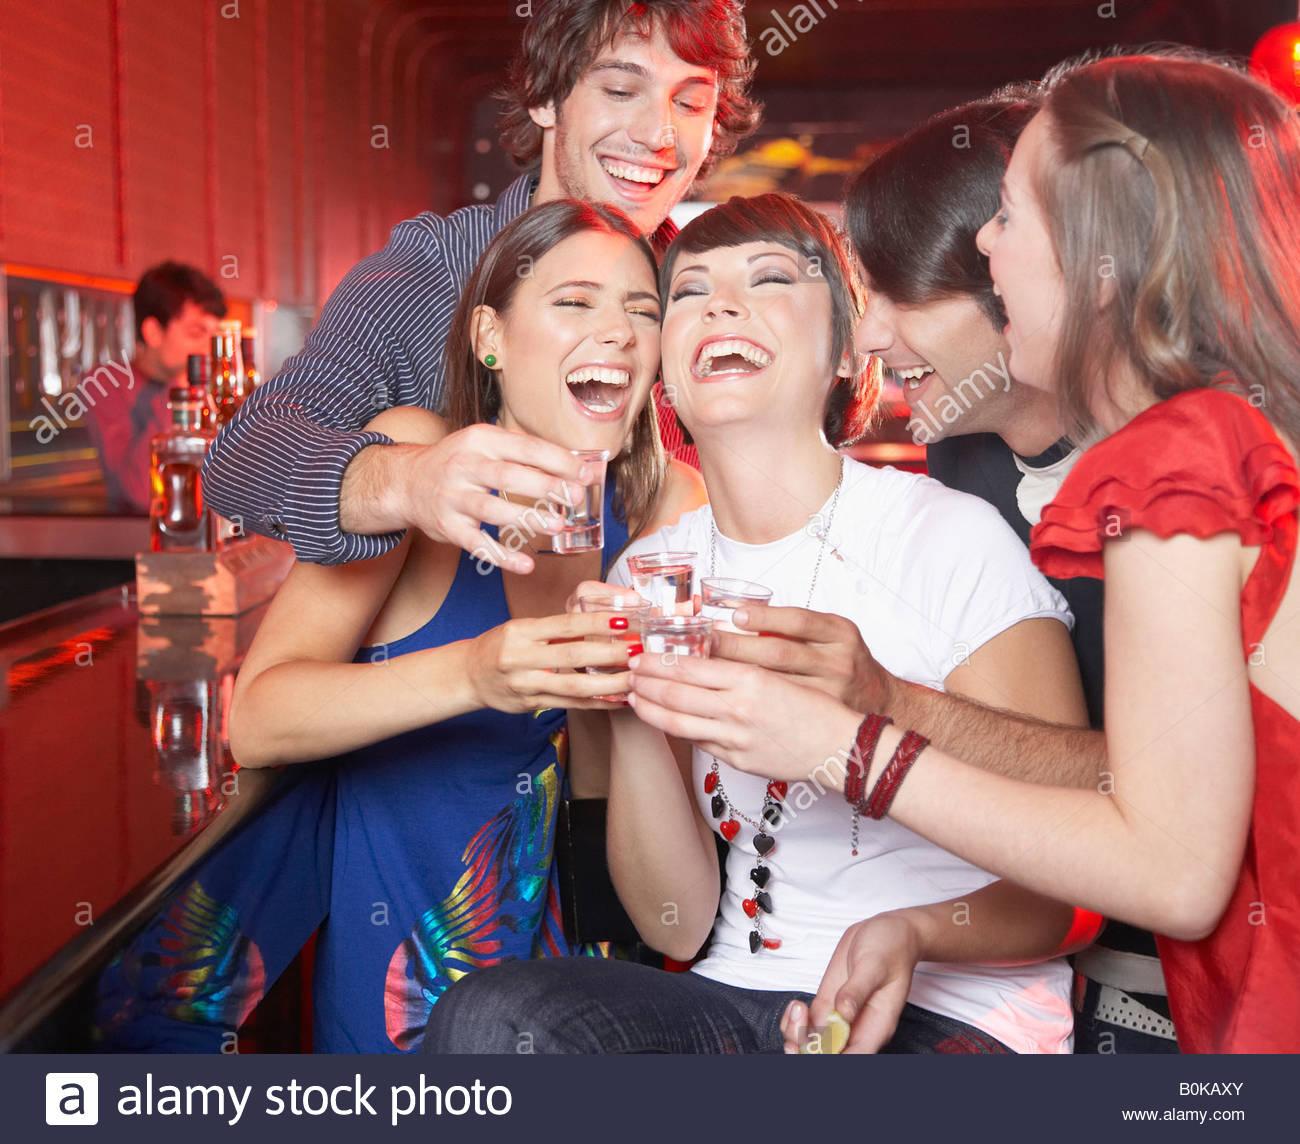 Cinque persone con scatti in discoteca la tostatura e sorridente Immagini Stock